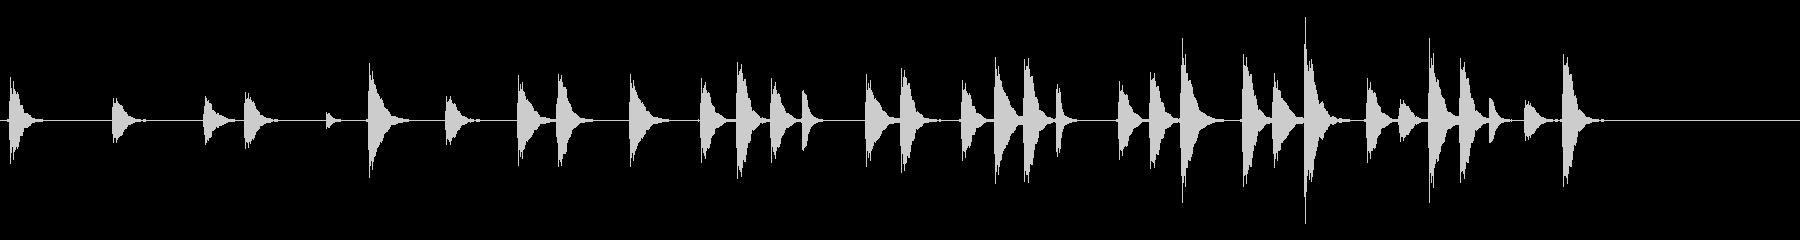 能や歌舞伎の小鼓(つづみ)のフレーズ音の未再生の波形